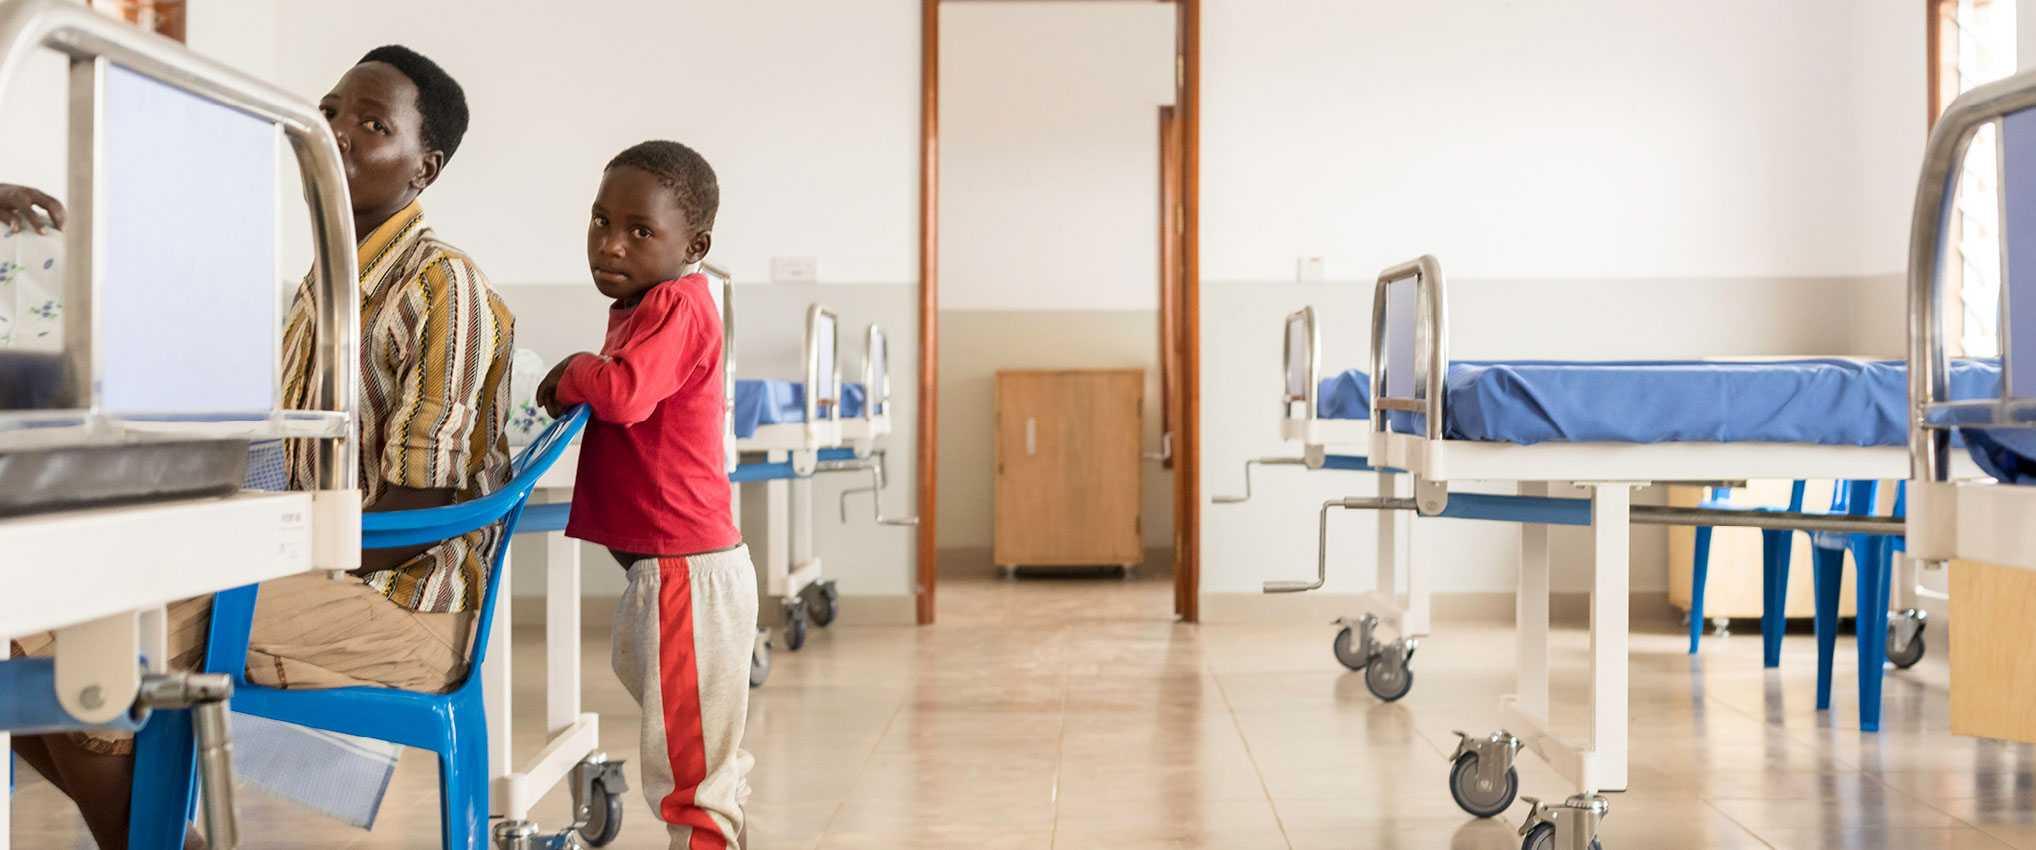 Kachumbala Maternity Ward